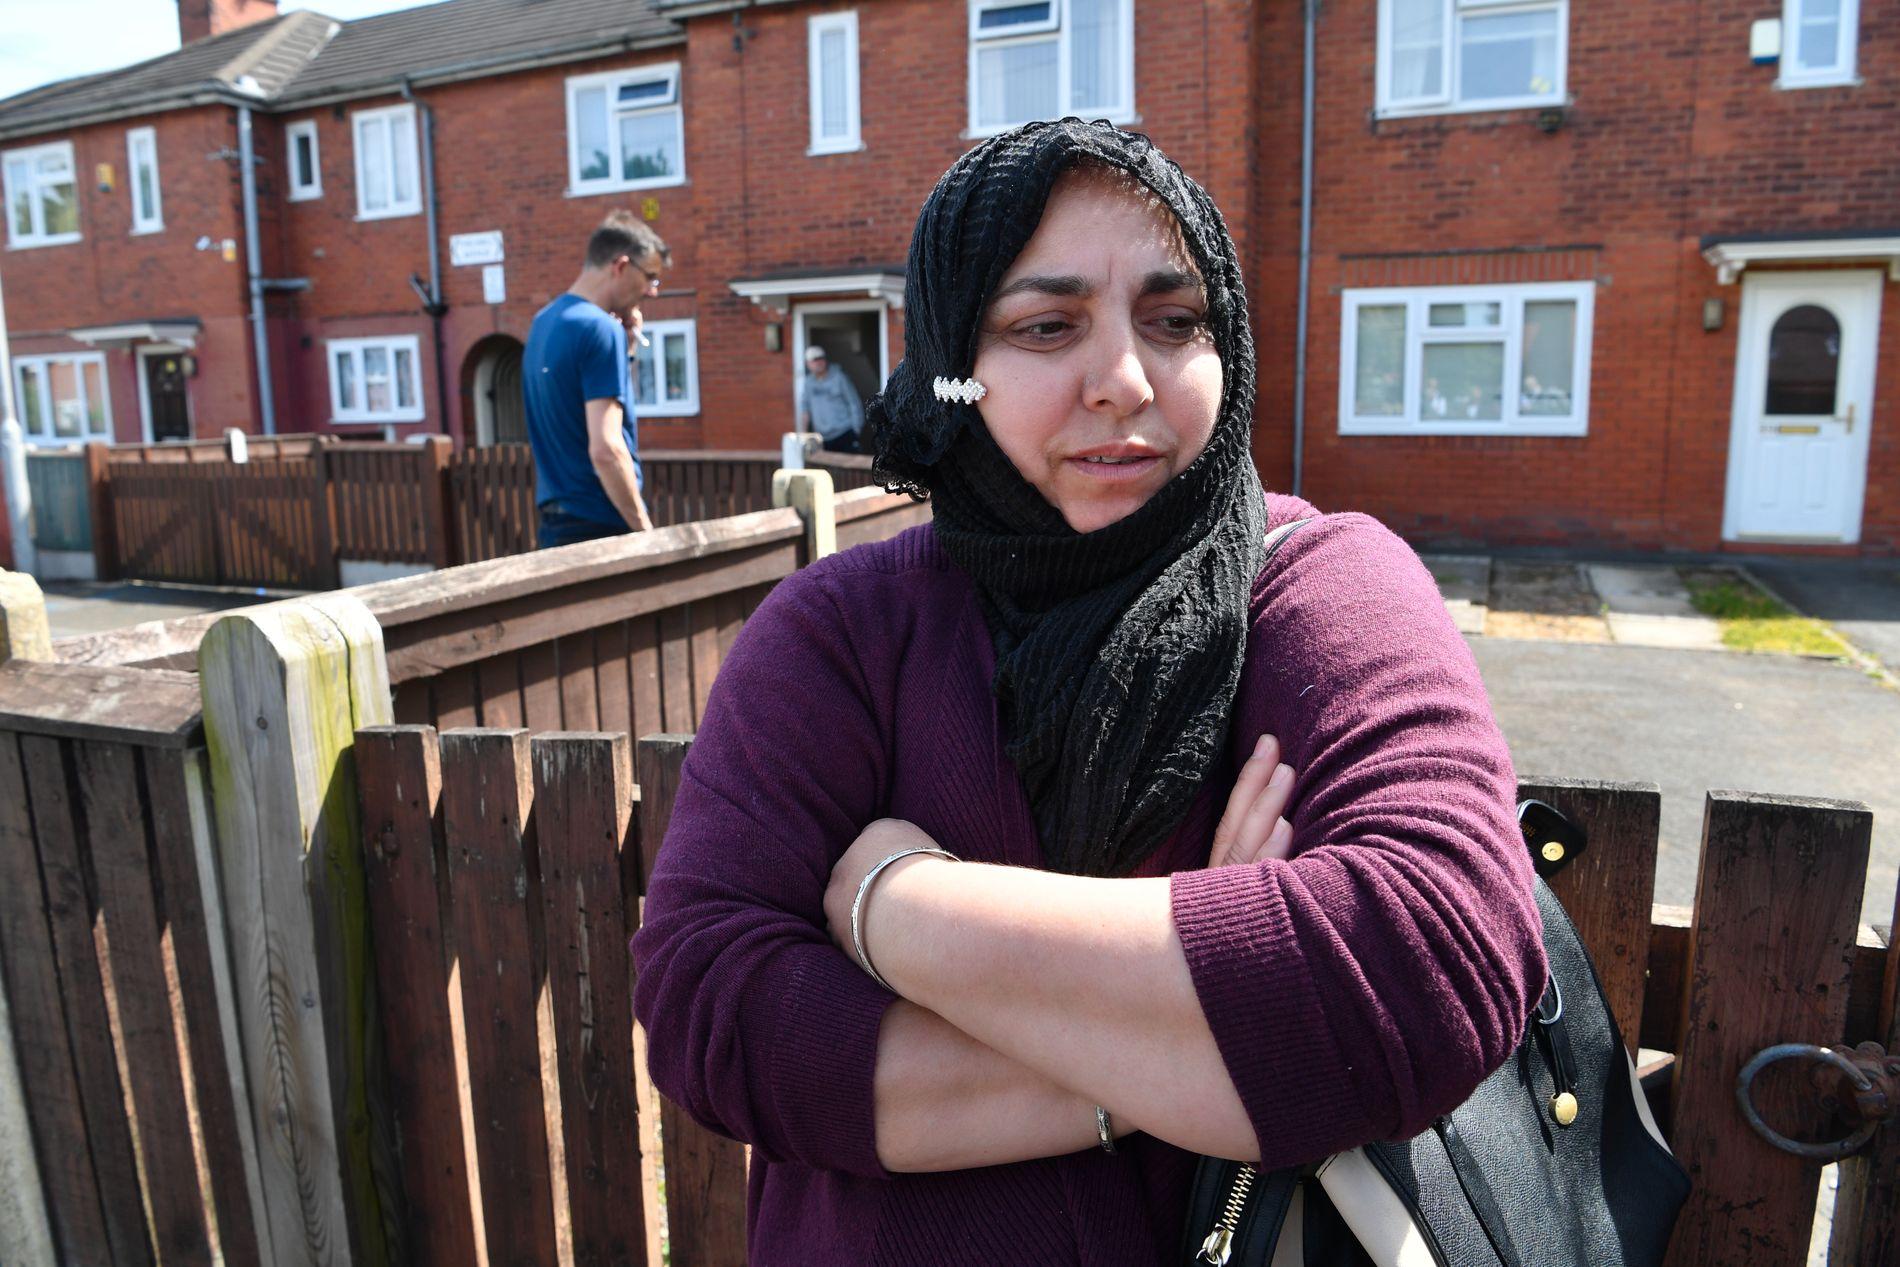 BORTE: – Den voksne kvinnen som bodde i huset var hyggelig og jobbet som koranlærer i den lokale moskeen, forteller Farzana Kosur. Hun har møtt henne der flere ganger, men nå har hun ikke sett henne på to måneder.